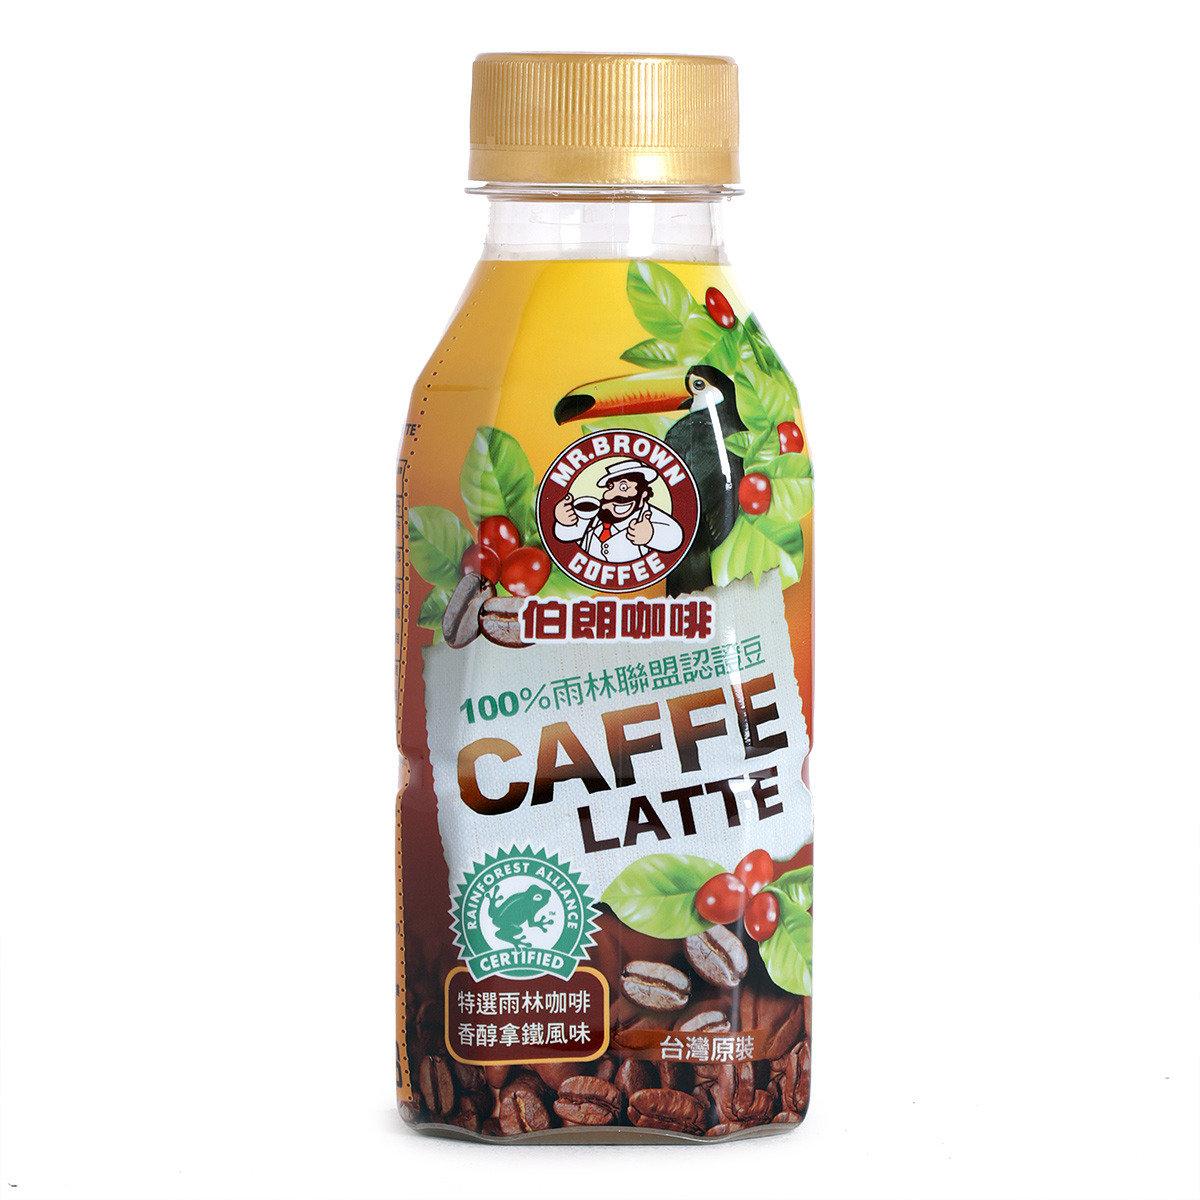 特選雨林咖啡香醇拿鐵風味(賞味期限:03.05.2016)